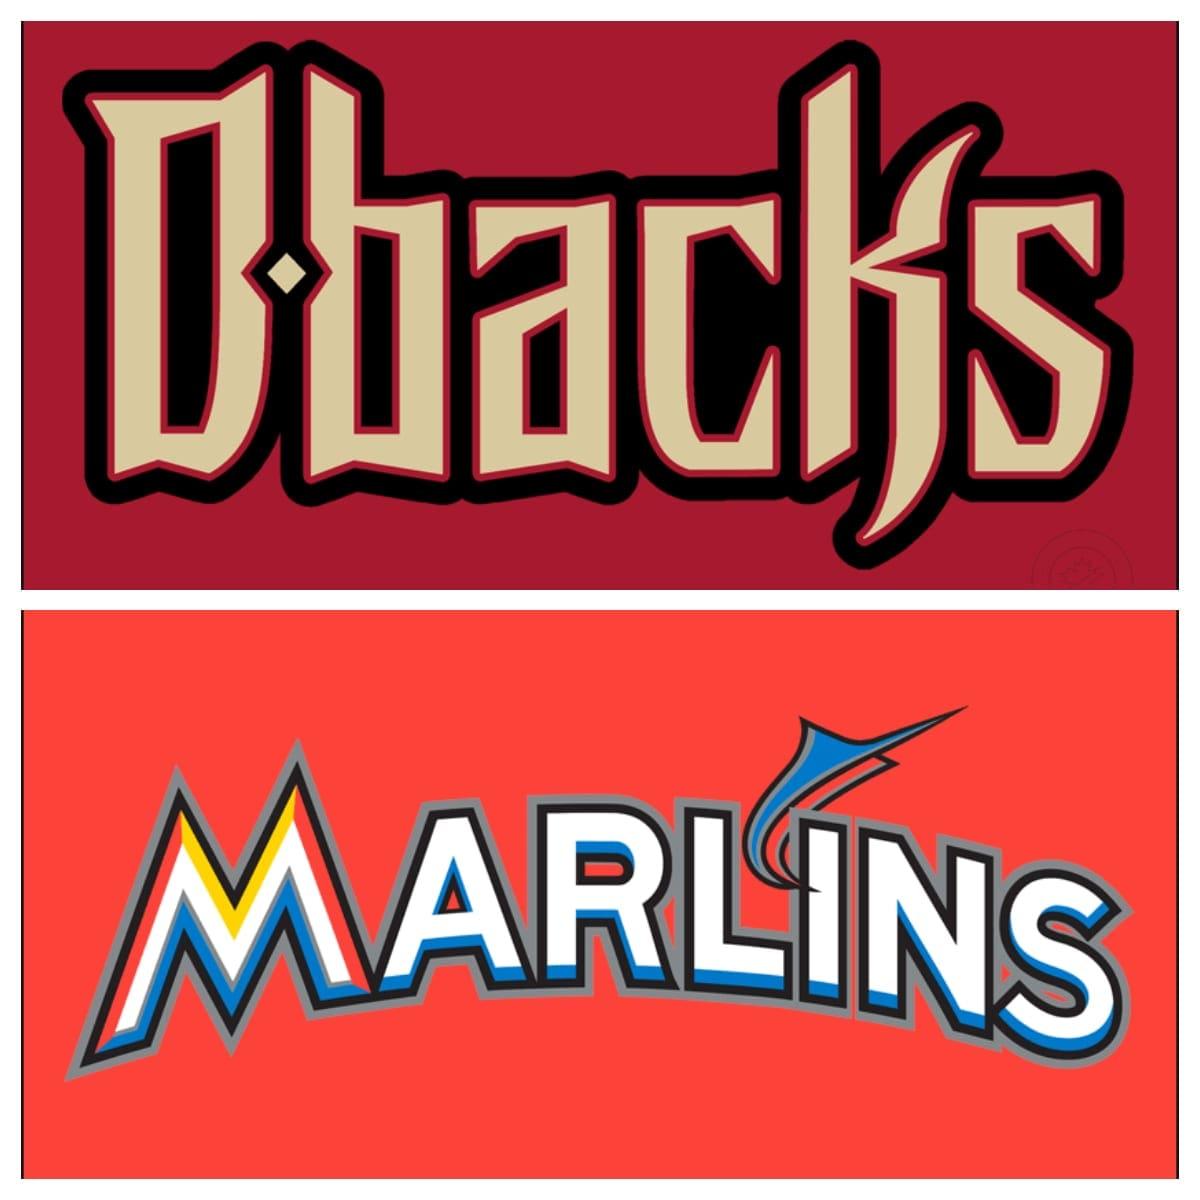 Arizona Diamondbacks vs Miami Marlins Stats